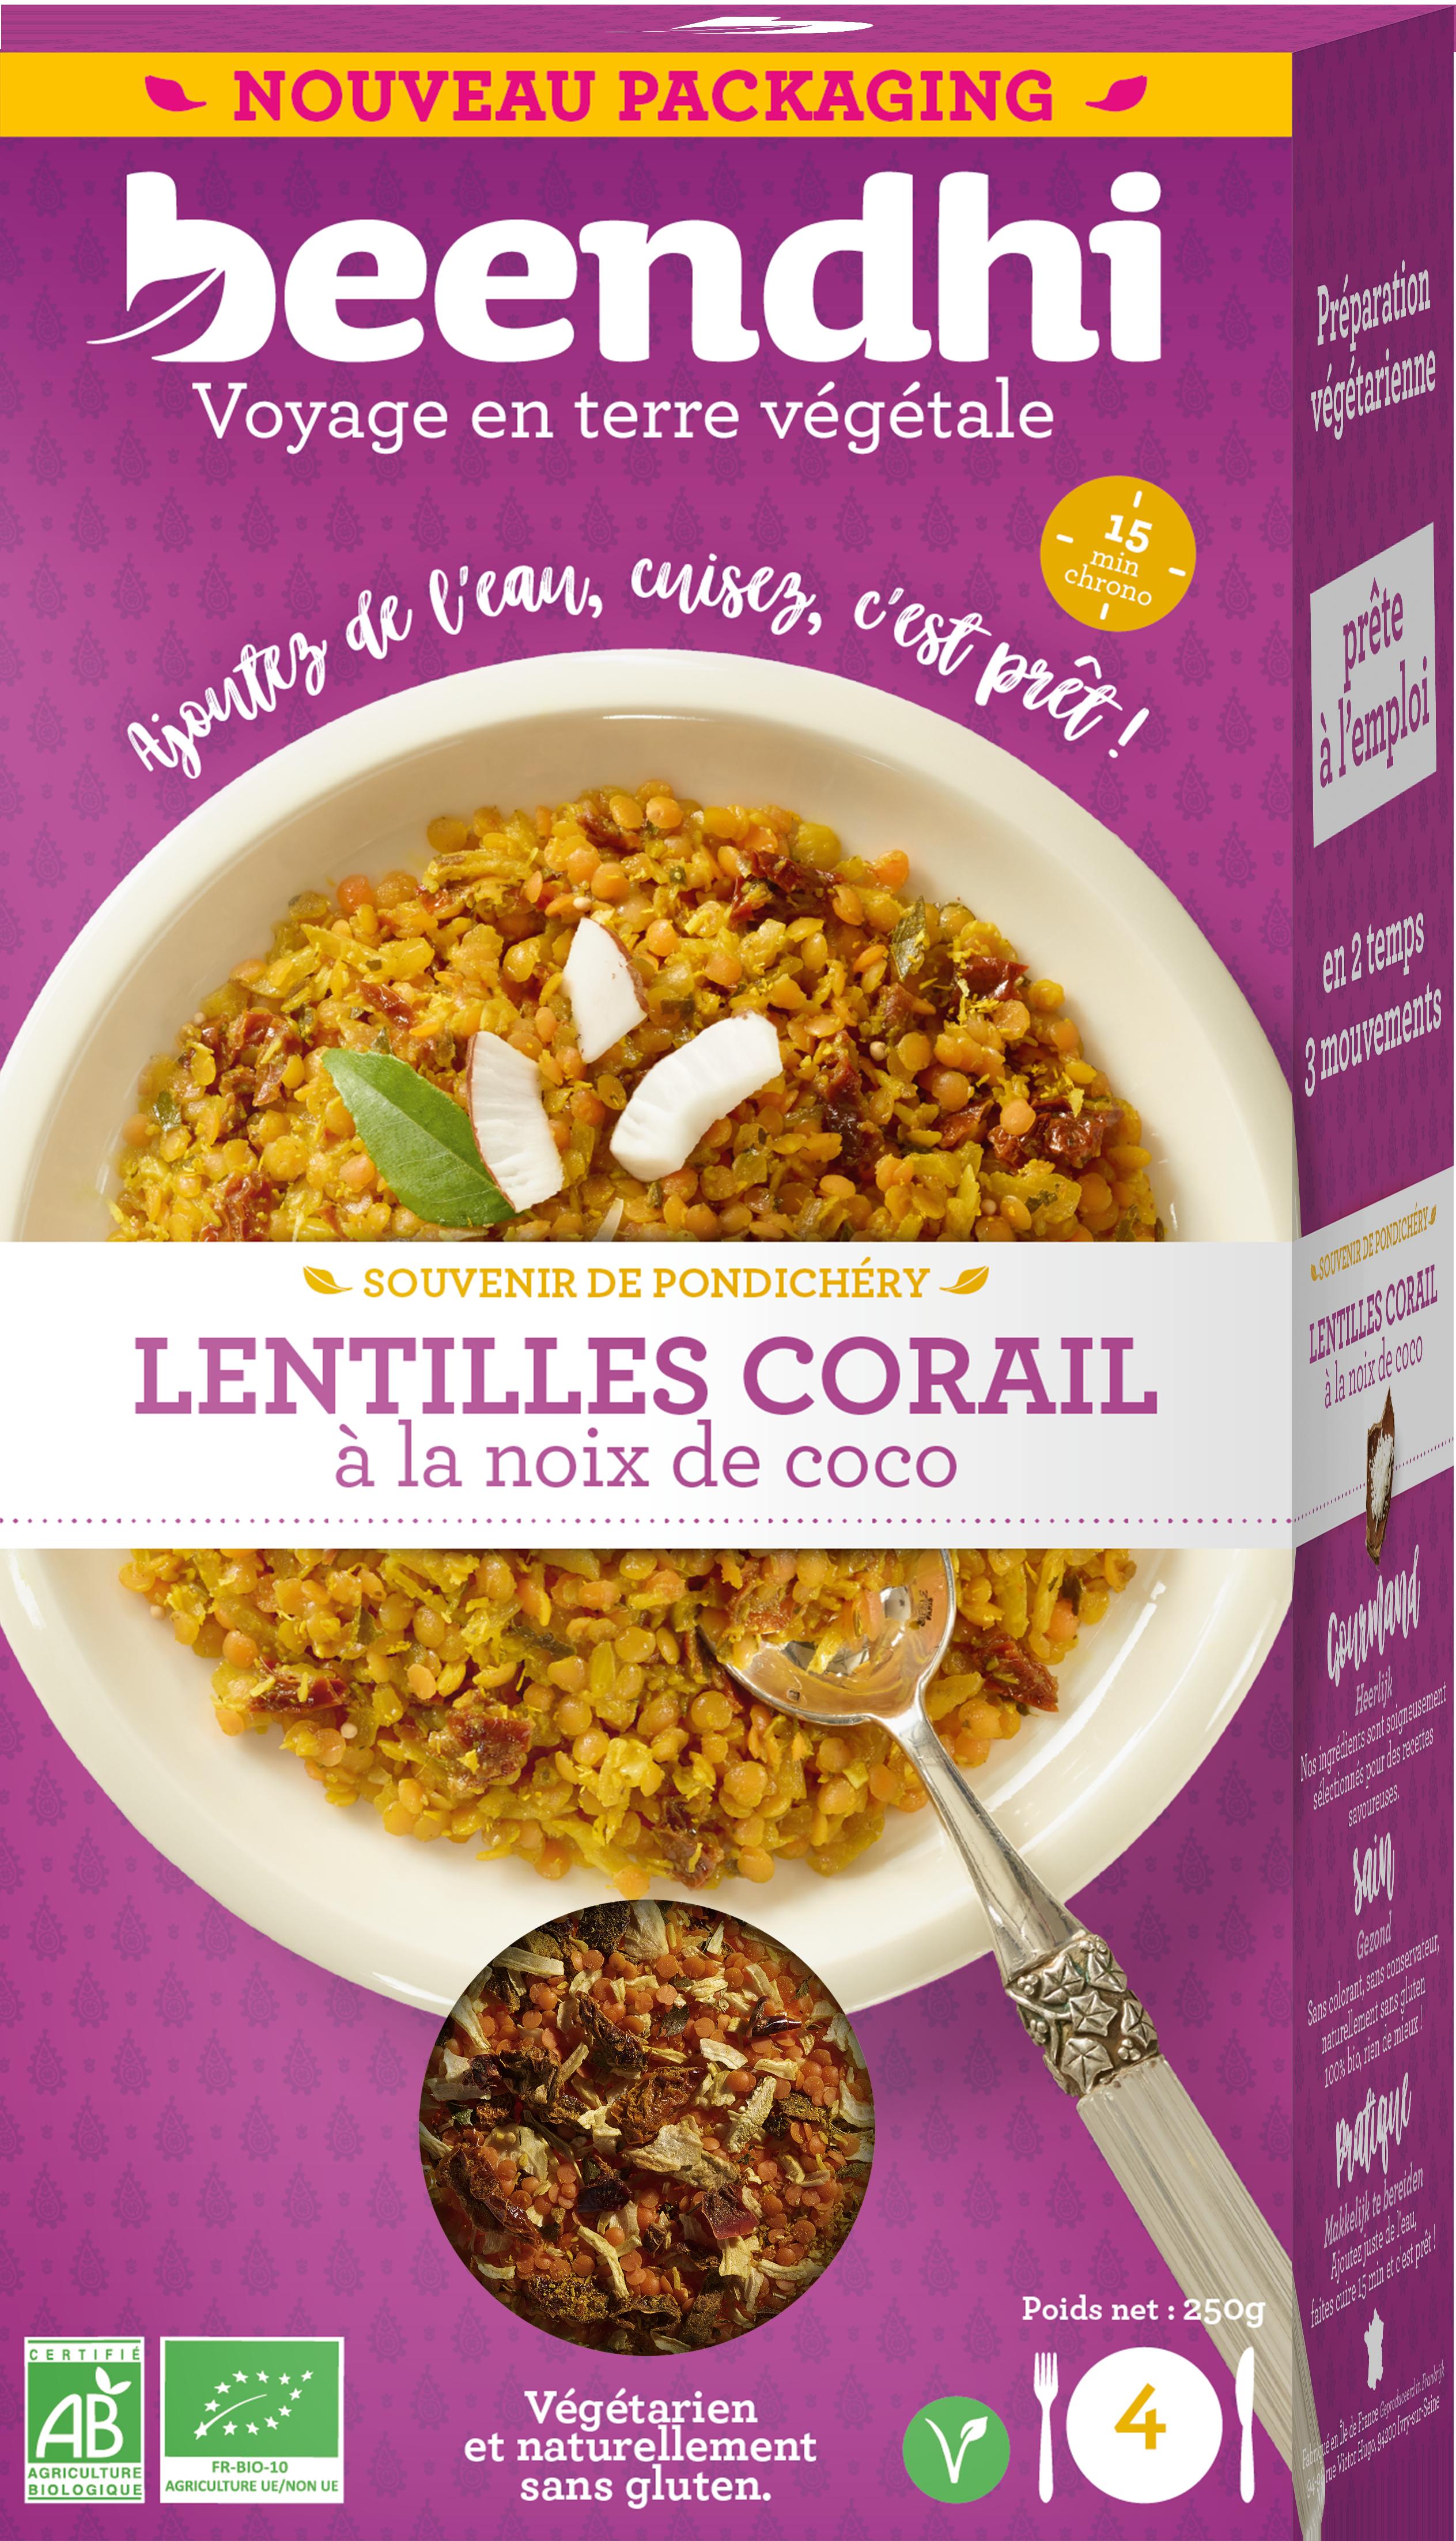 Lentilles corail à la noix de coco BIO, Beendhi (250 g)